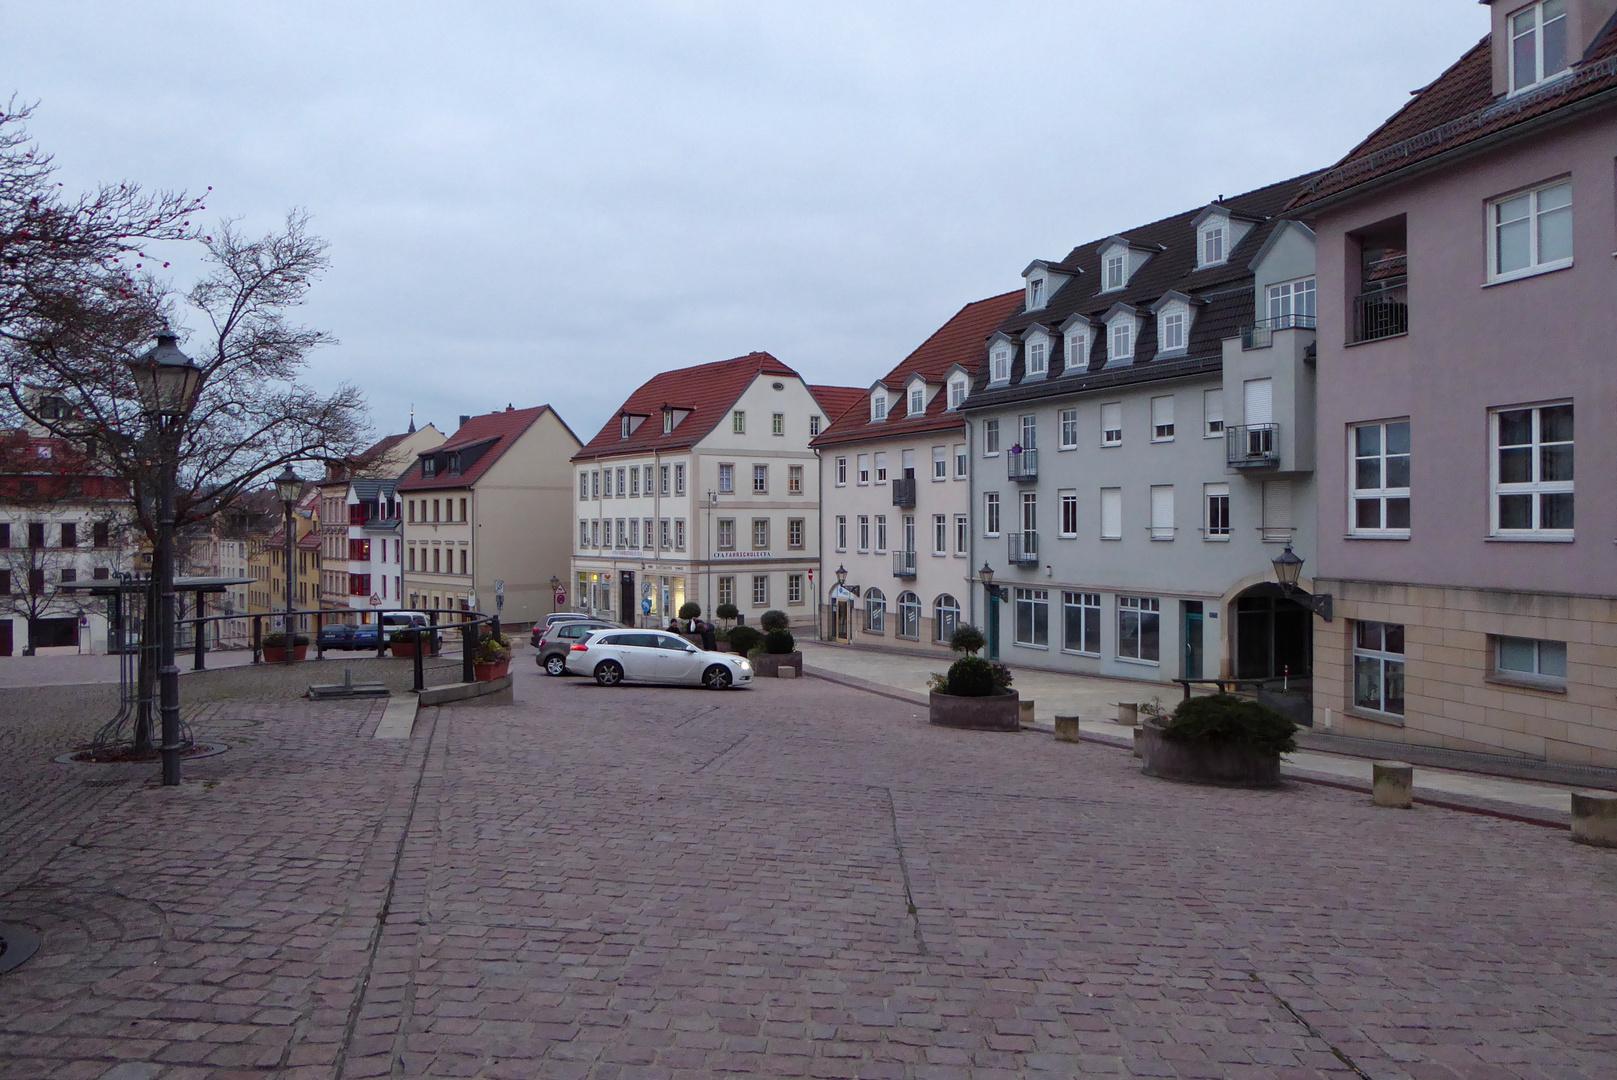 Altenburger Altstadt-Impressionen Dezember 2017 #13